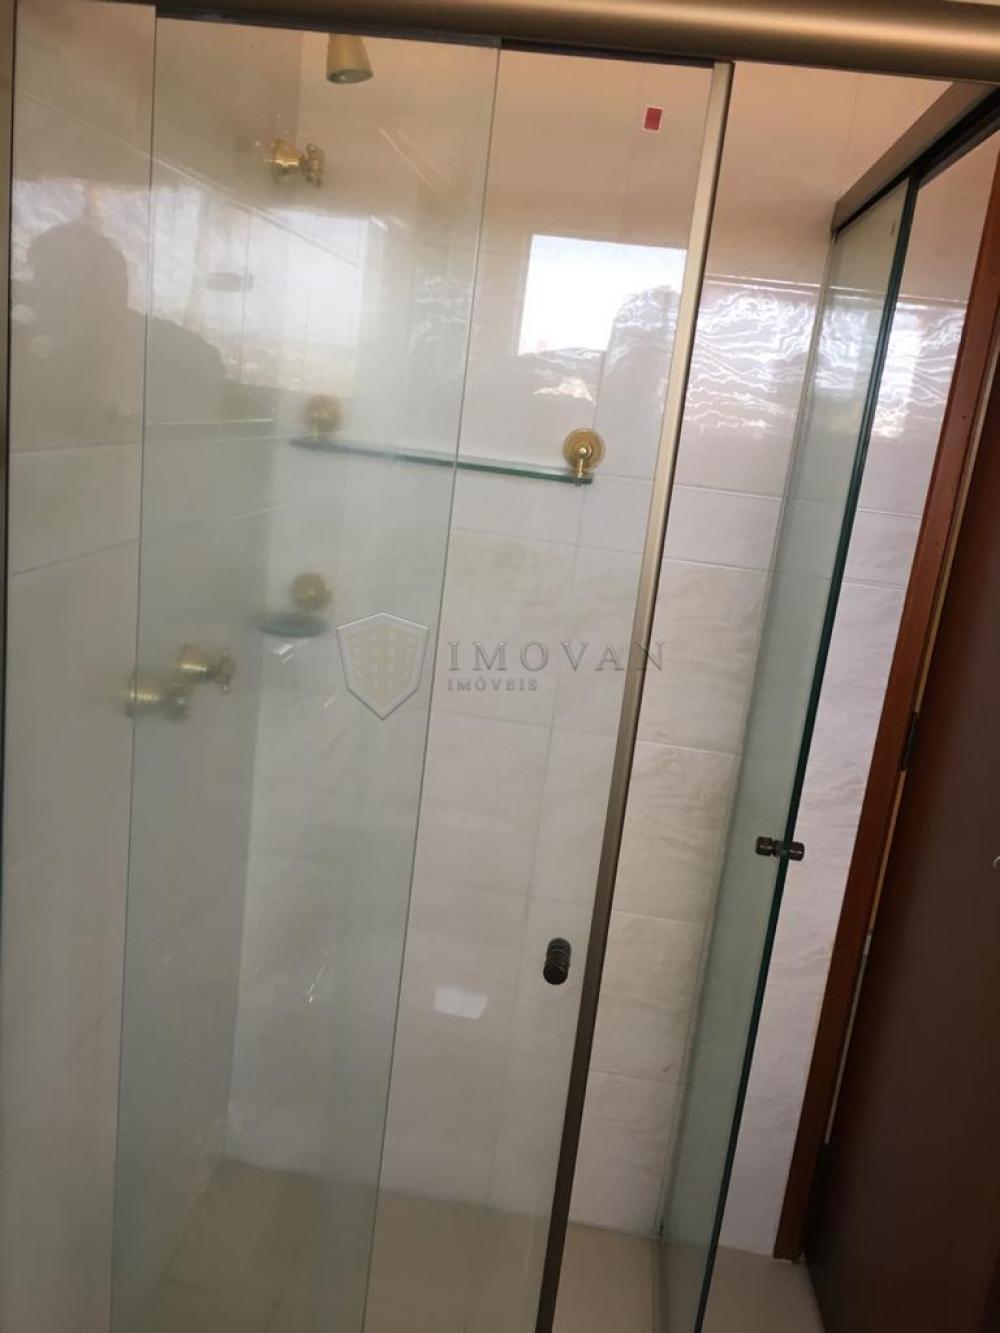 Comprar Casa / Padrão em Ribeirão Preto R$ 850.000,00 - Foto 23